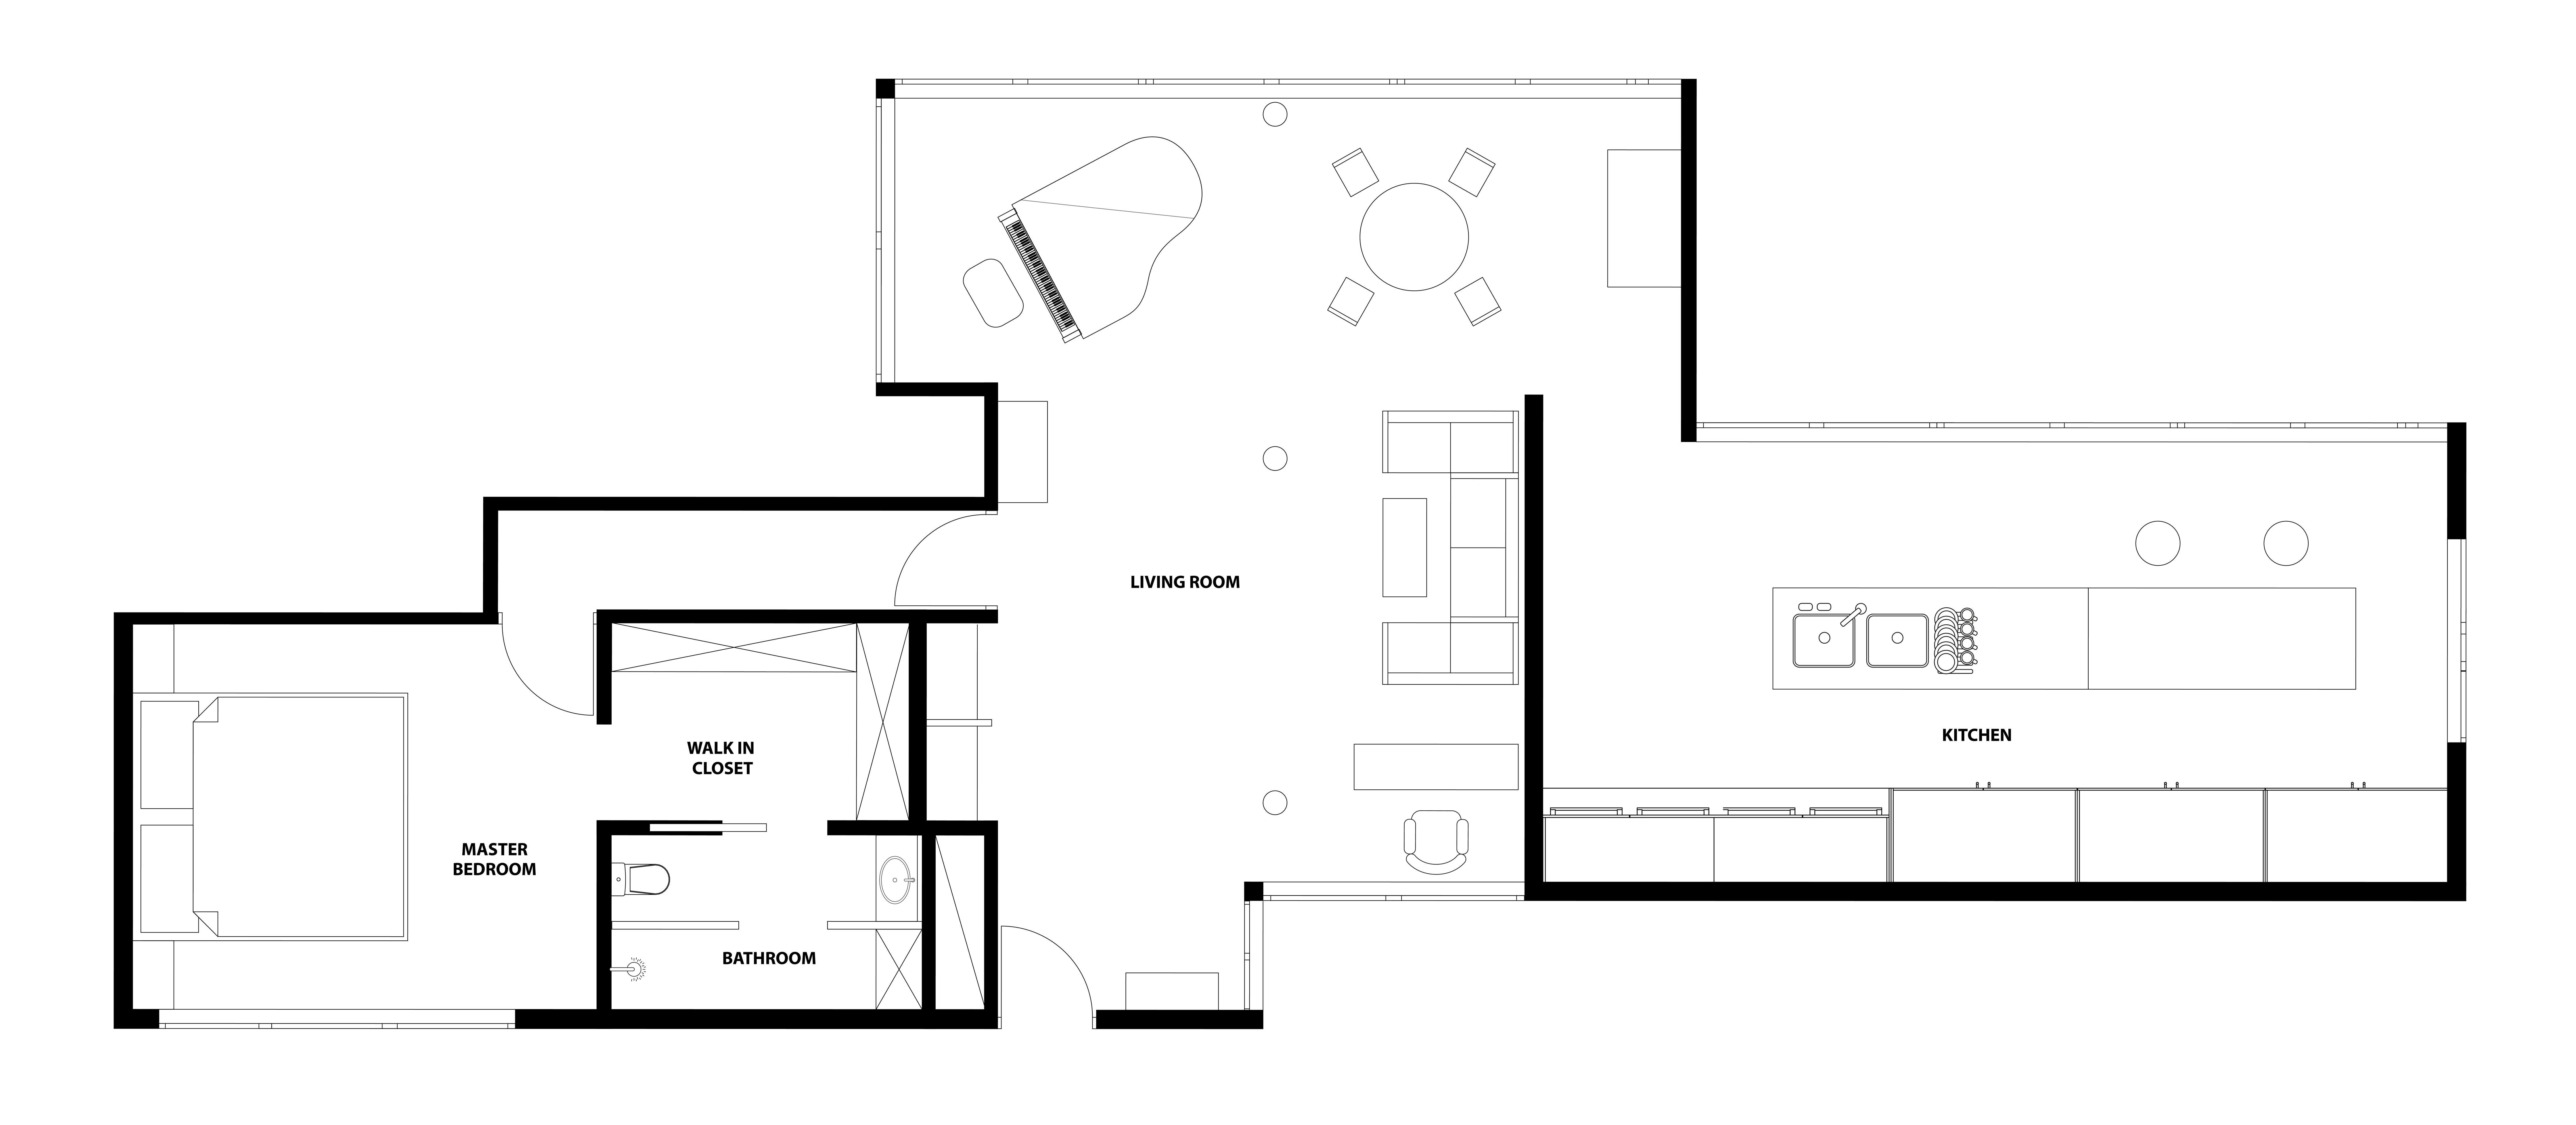 https://www.designidk.com/wp-images?q=/wp-content/uploads/2016/11/rsz_dr_strange_floorplan-01.jpg